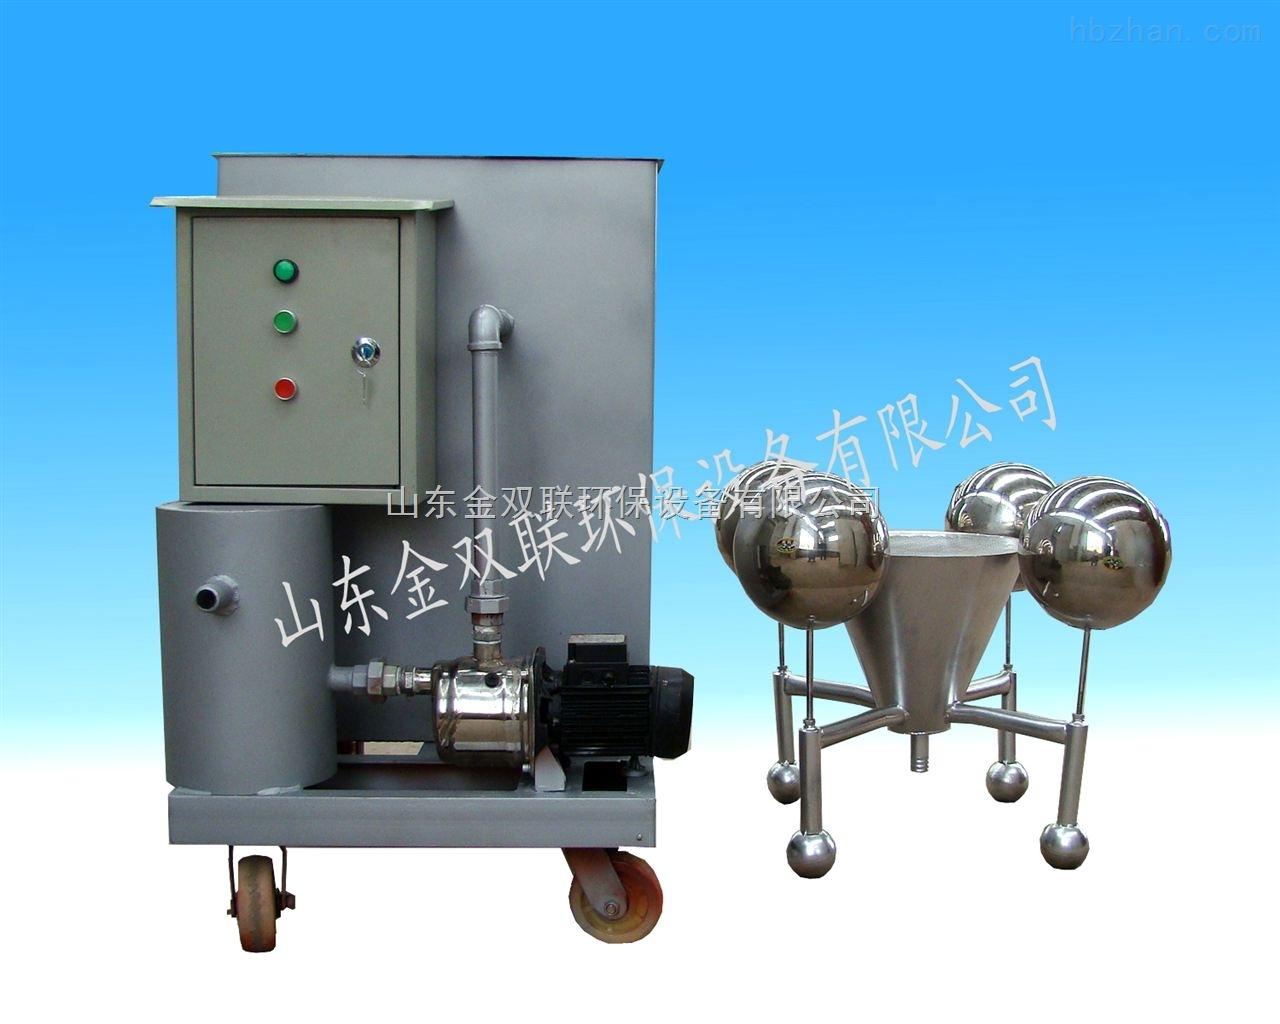 高效移動式浮油吸收器